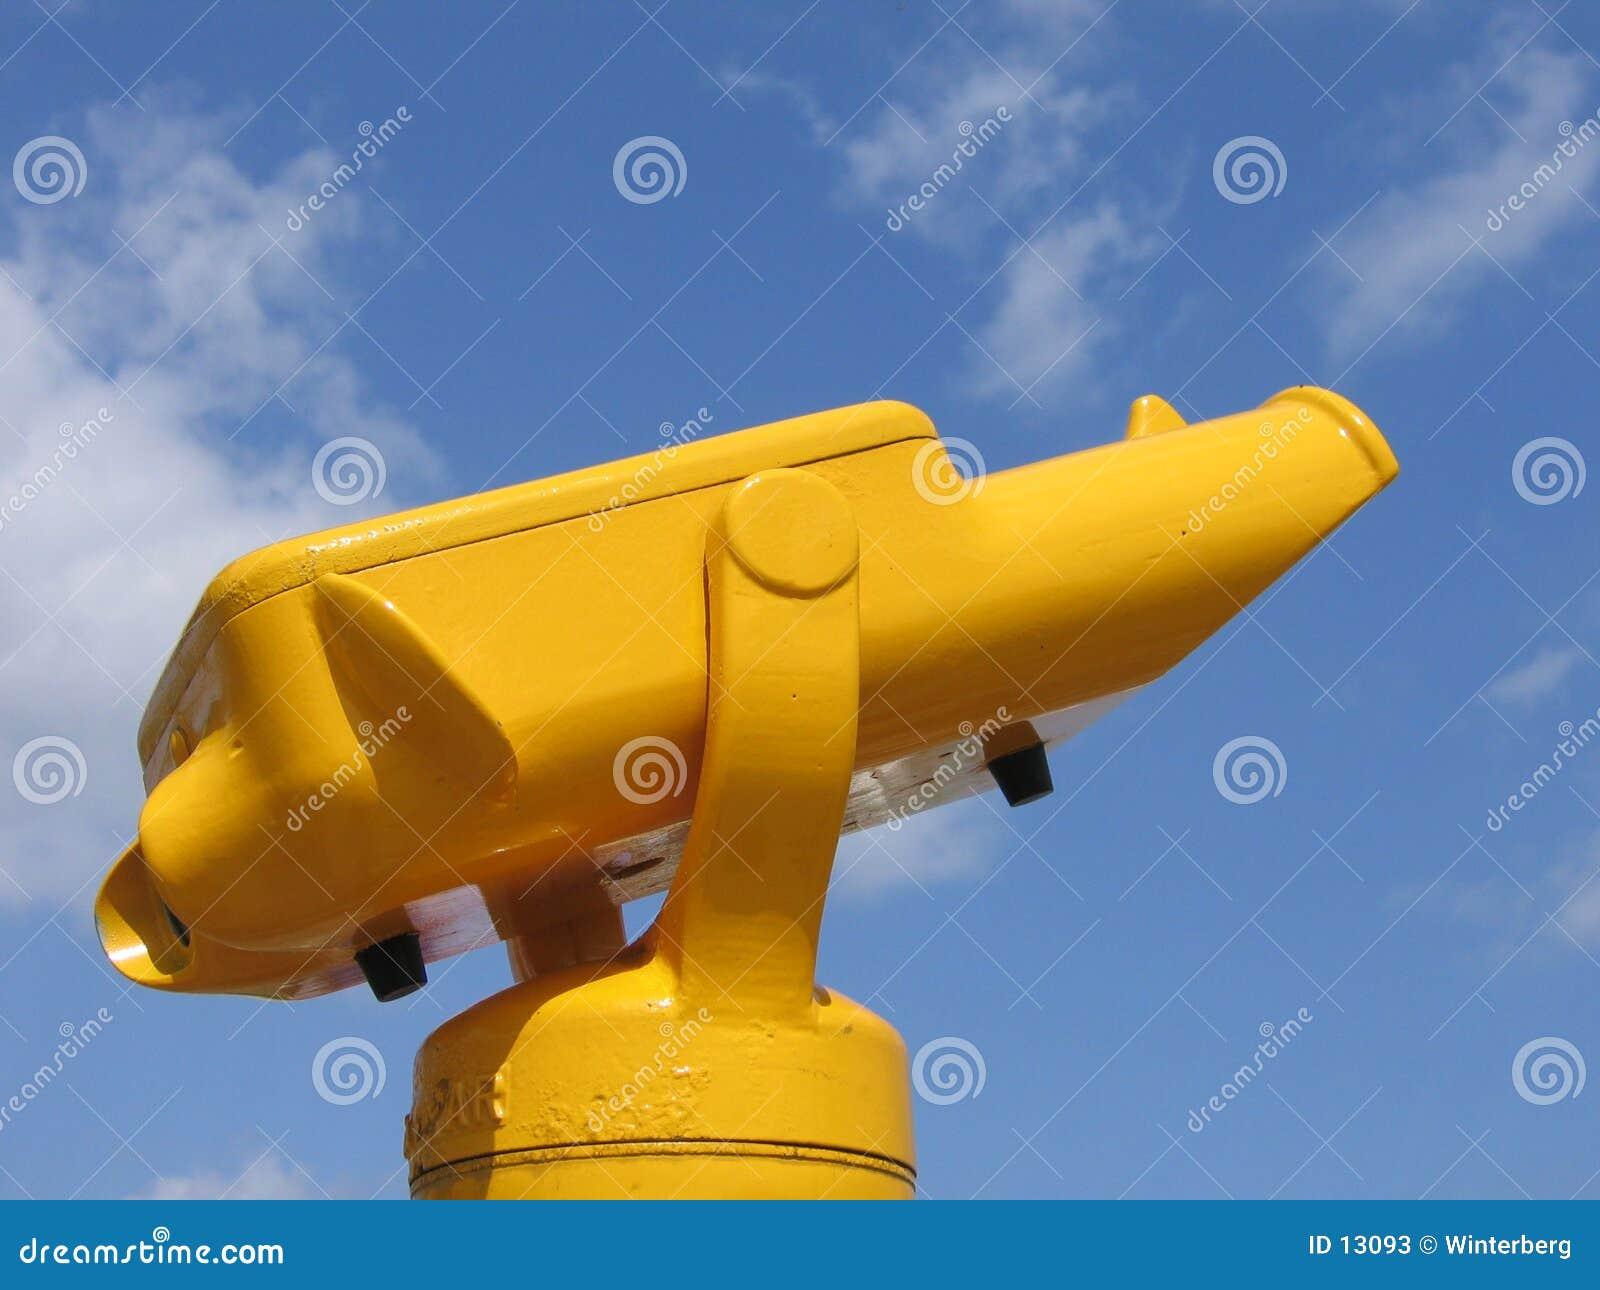 Yellow Binoculars